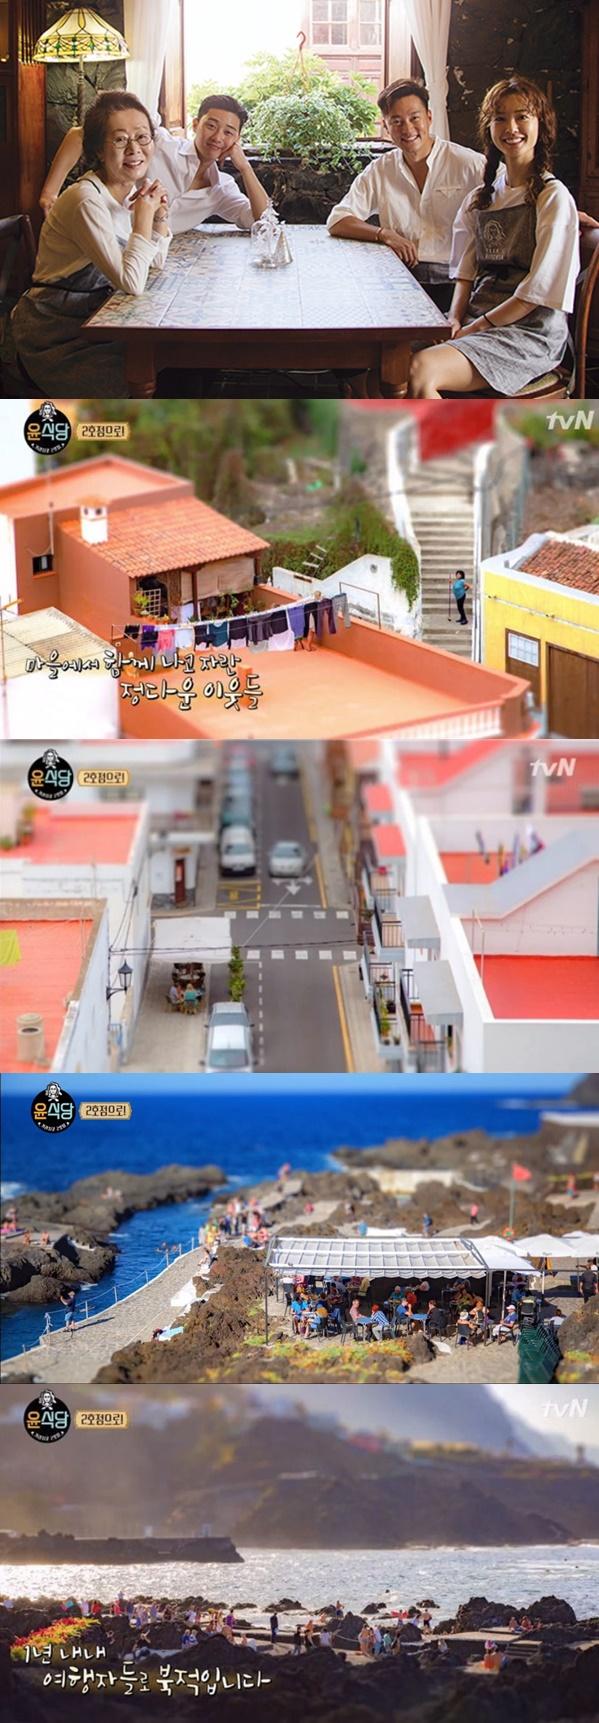 <윤식당2> 동화같은 영상미의 비밀? #미니어처 타임랩스 #와이어